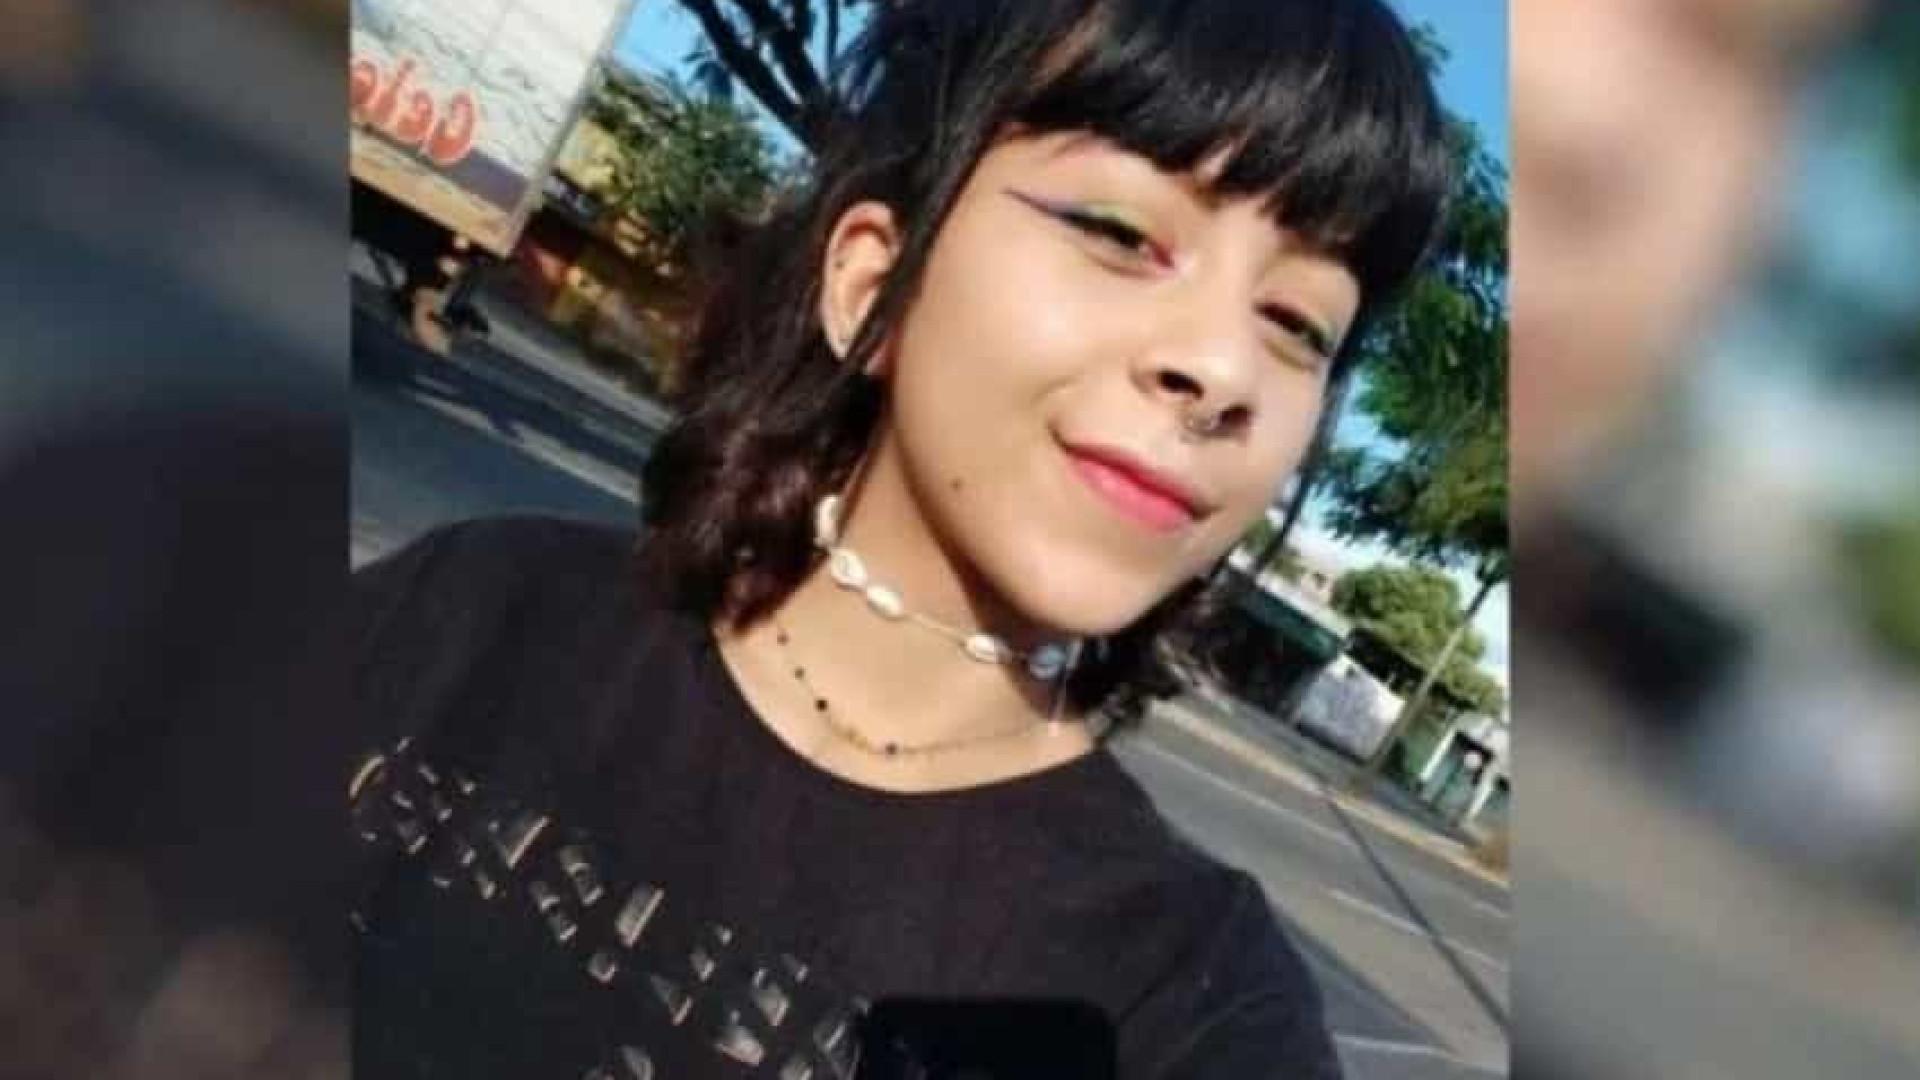 Revelado áudio que jovem morta por amigos enviou à mãe momentos antes